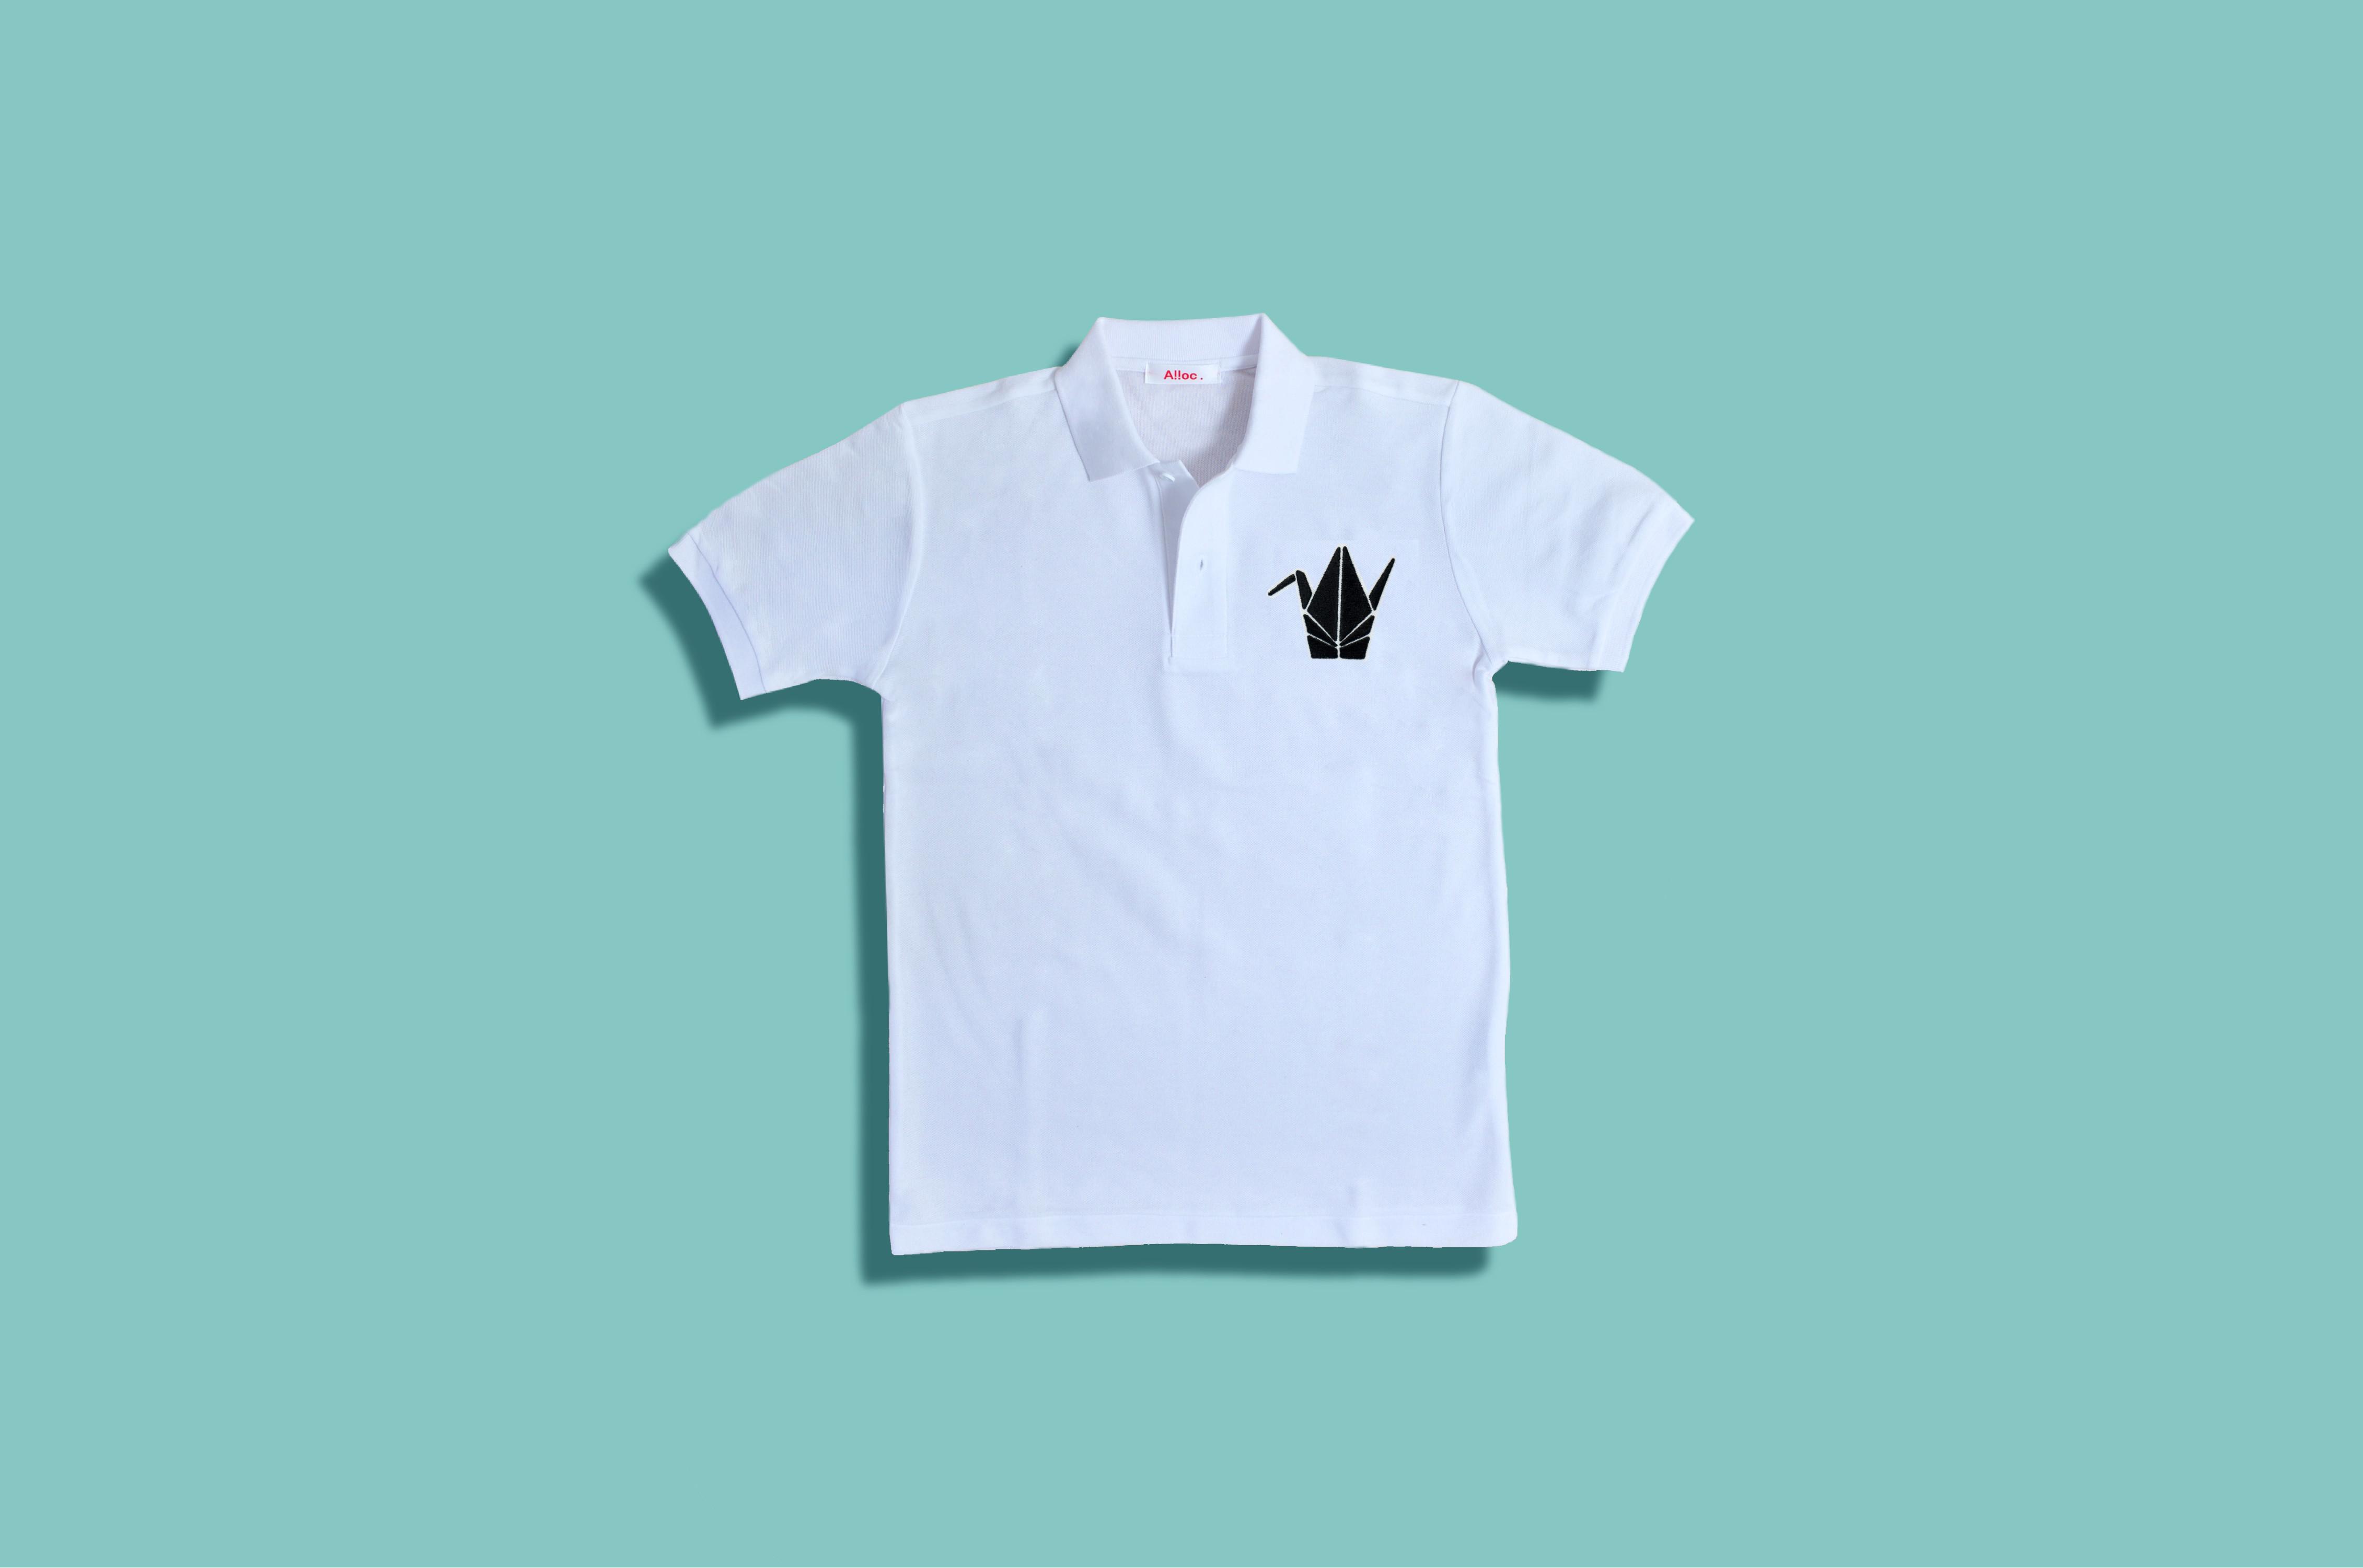 刺繍入りの白いポロシャツ